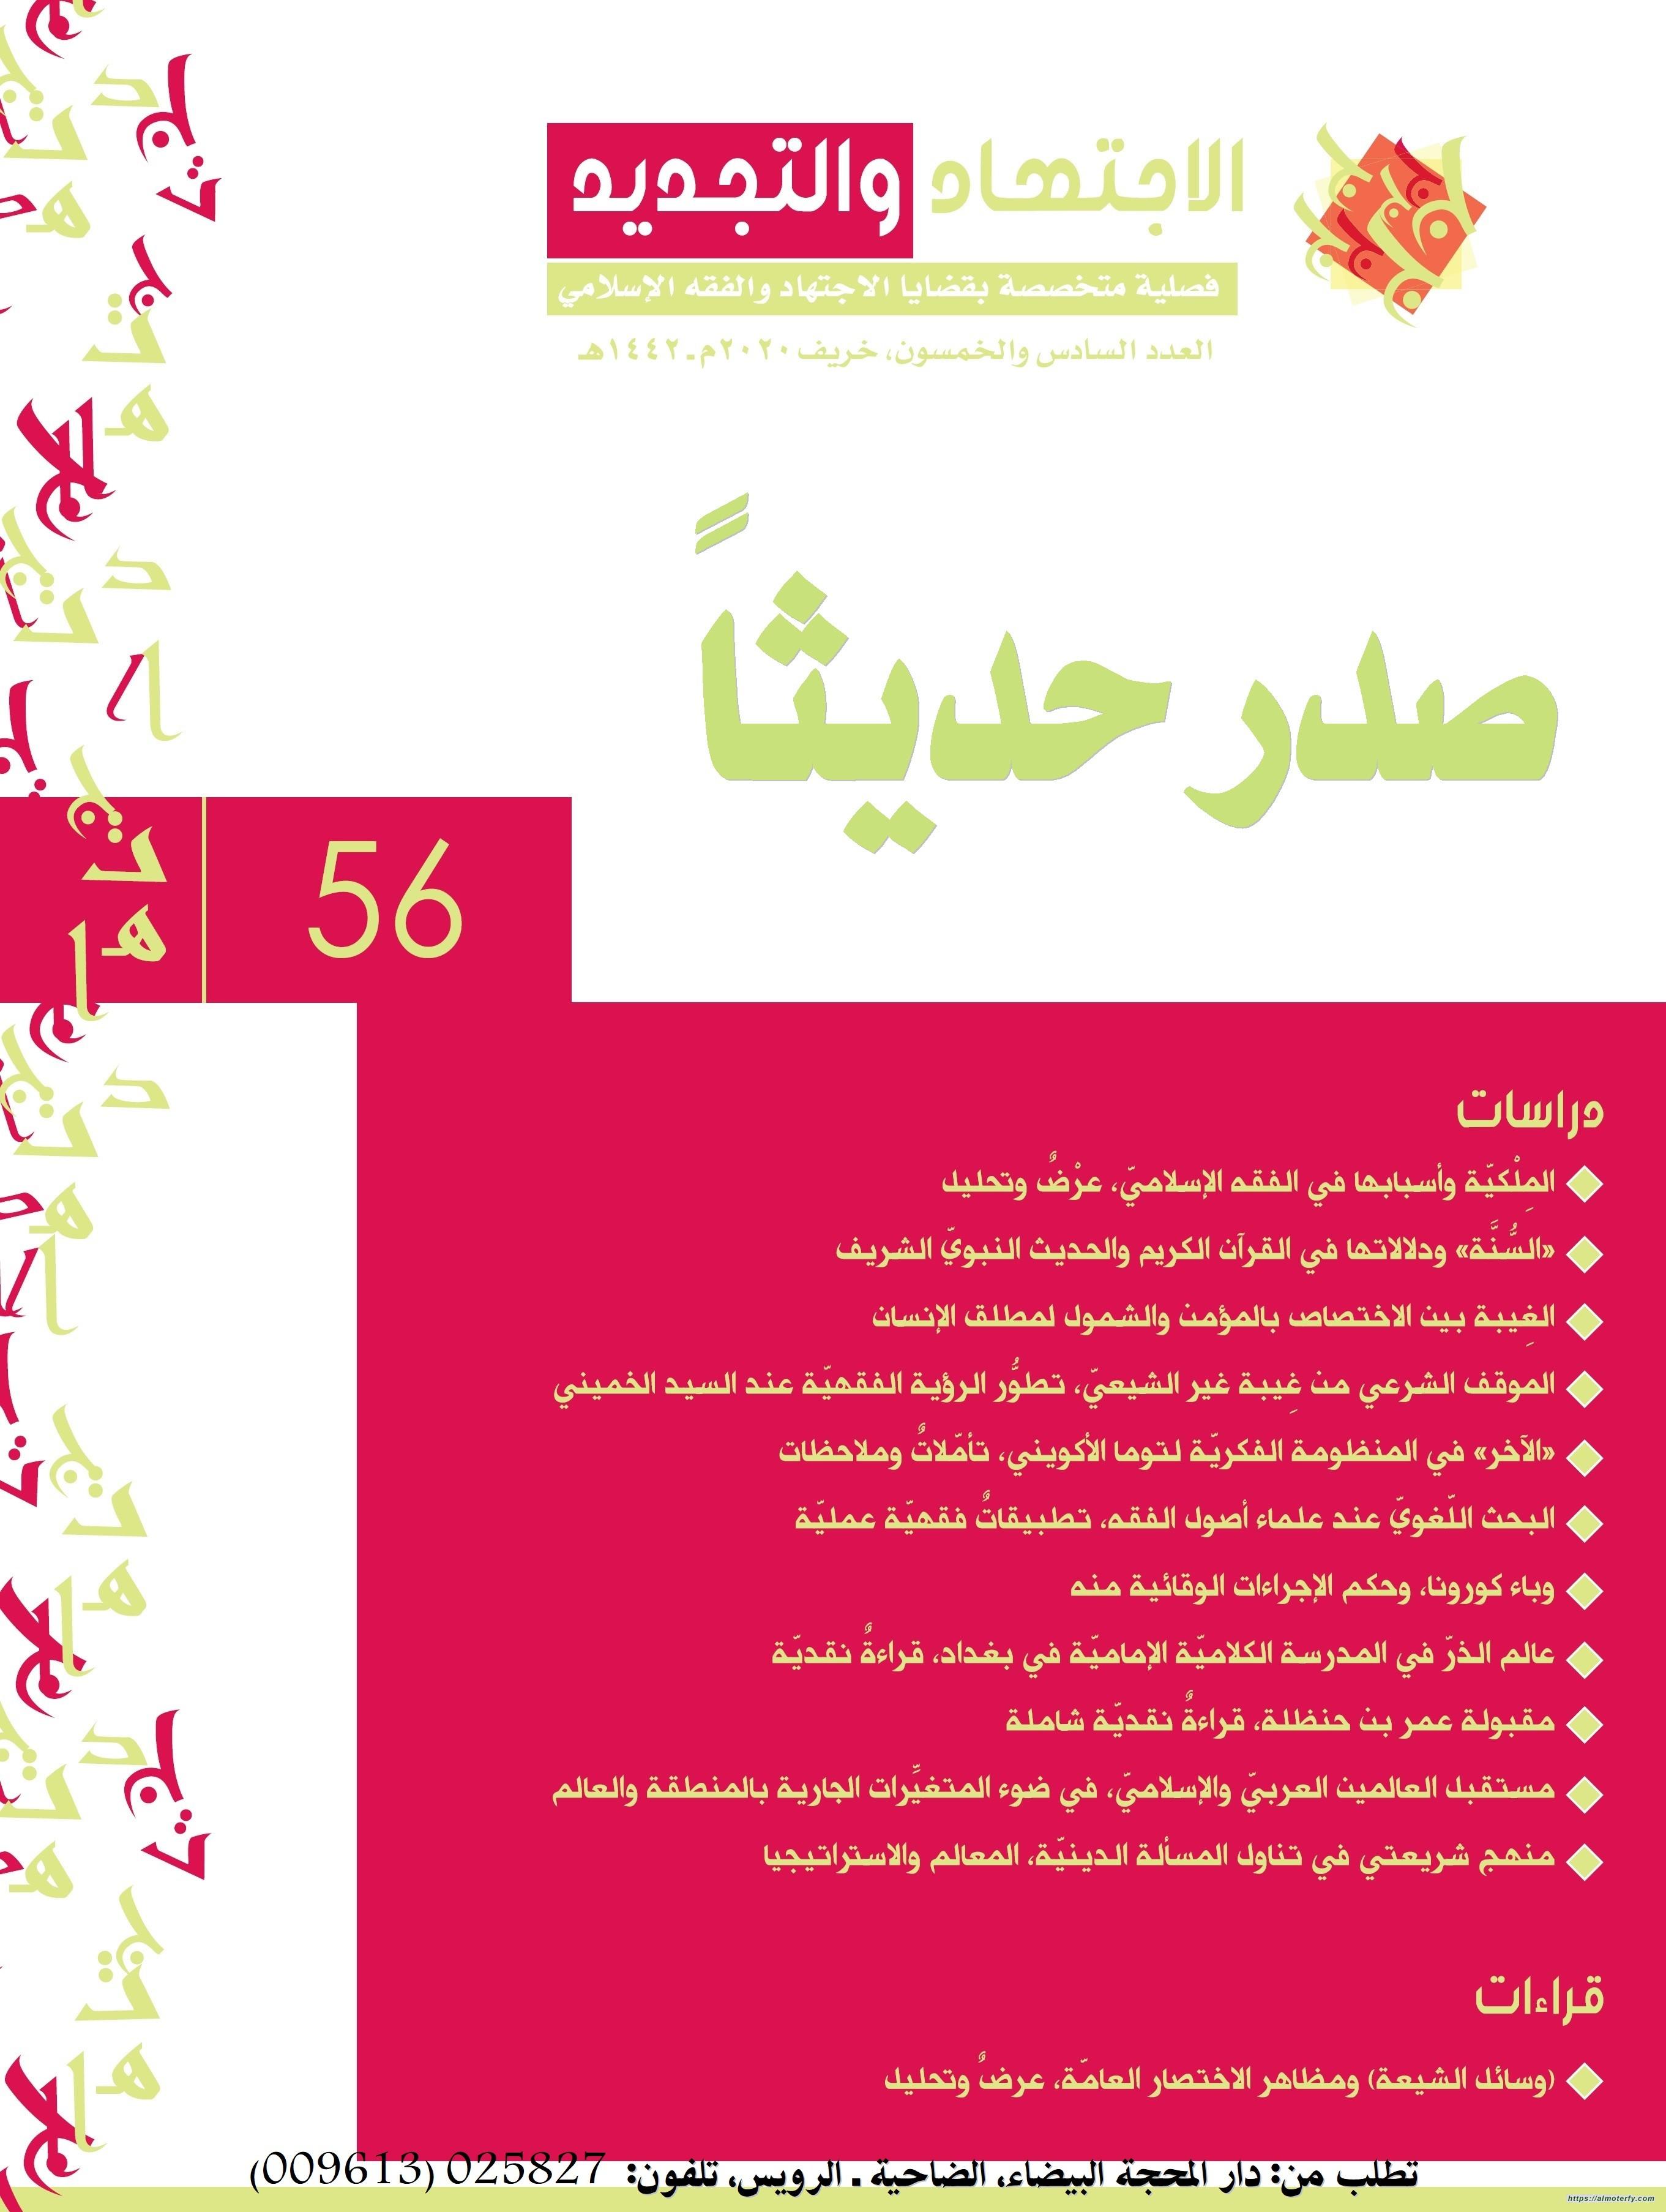 العدد (56) من مجلة الاجتهاد والتجديد، خلاصاتٌ ونتائج